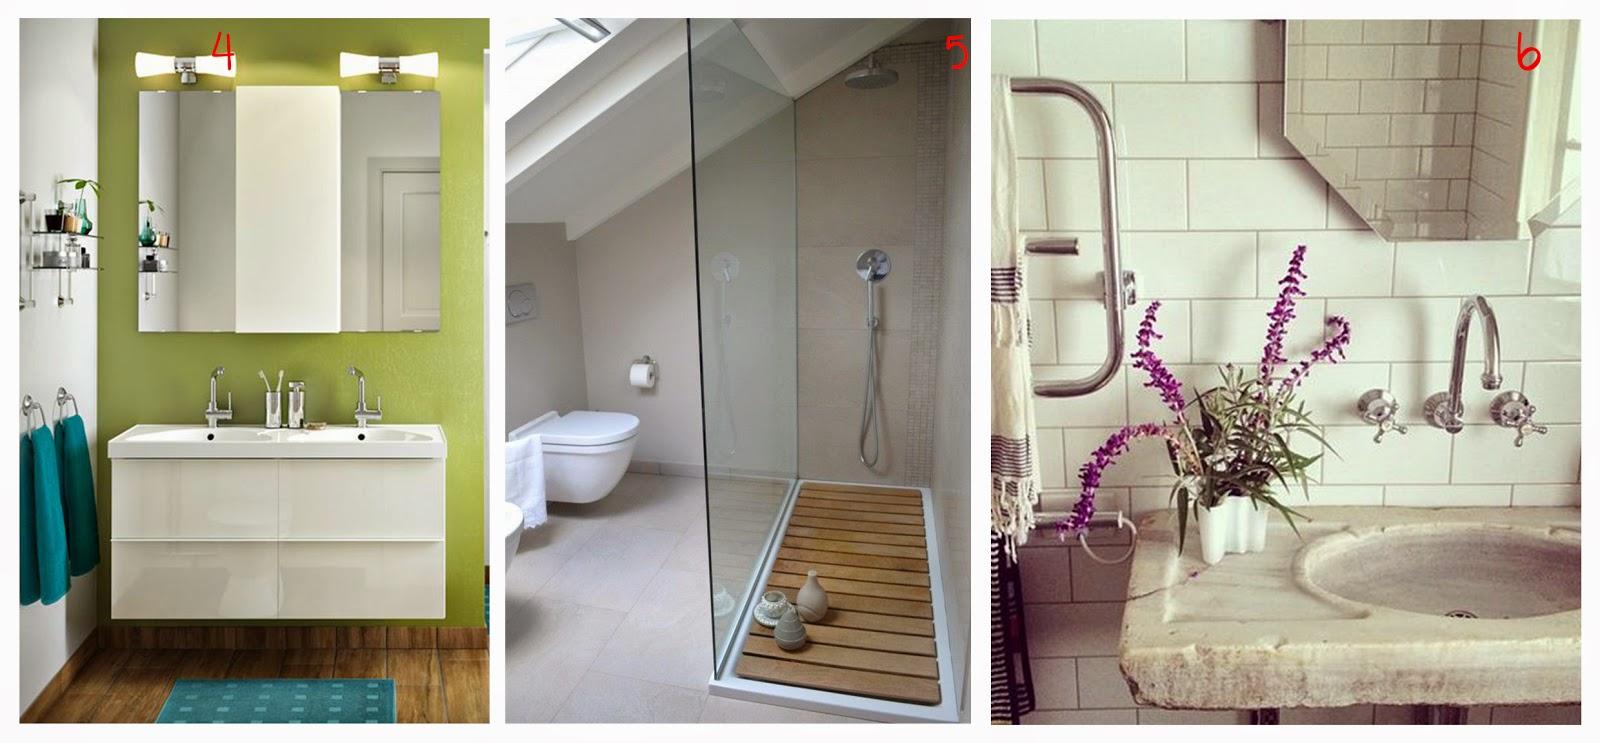 Ila points decor la casa che vorrei il bagno - Vorrei ristrutturare casa ...